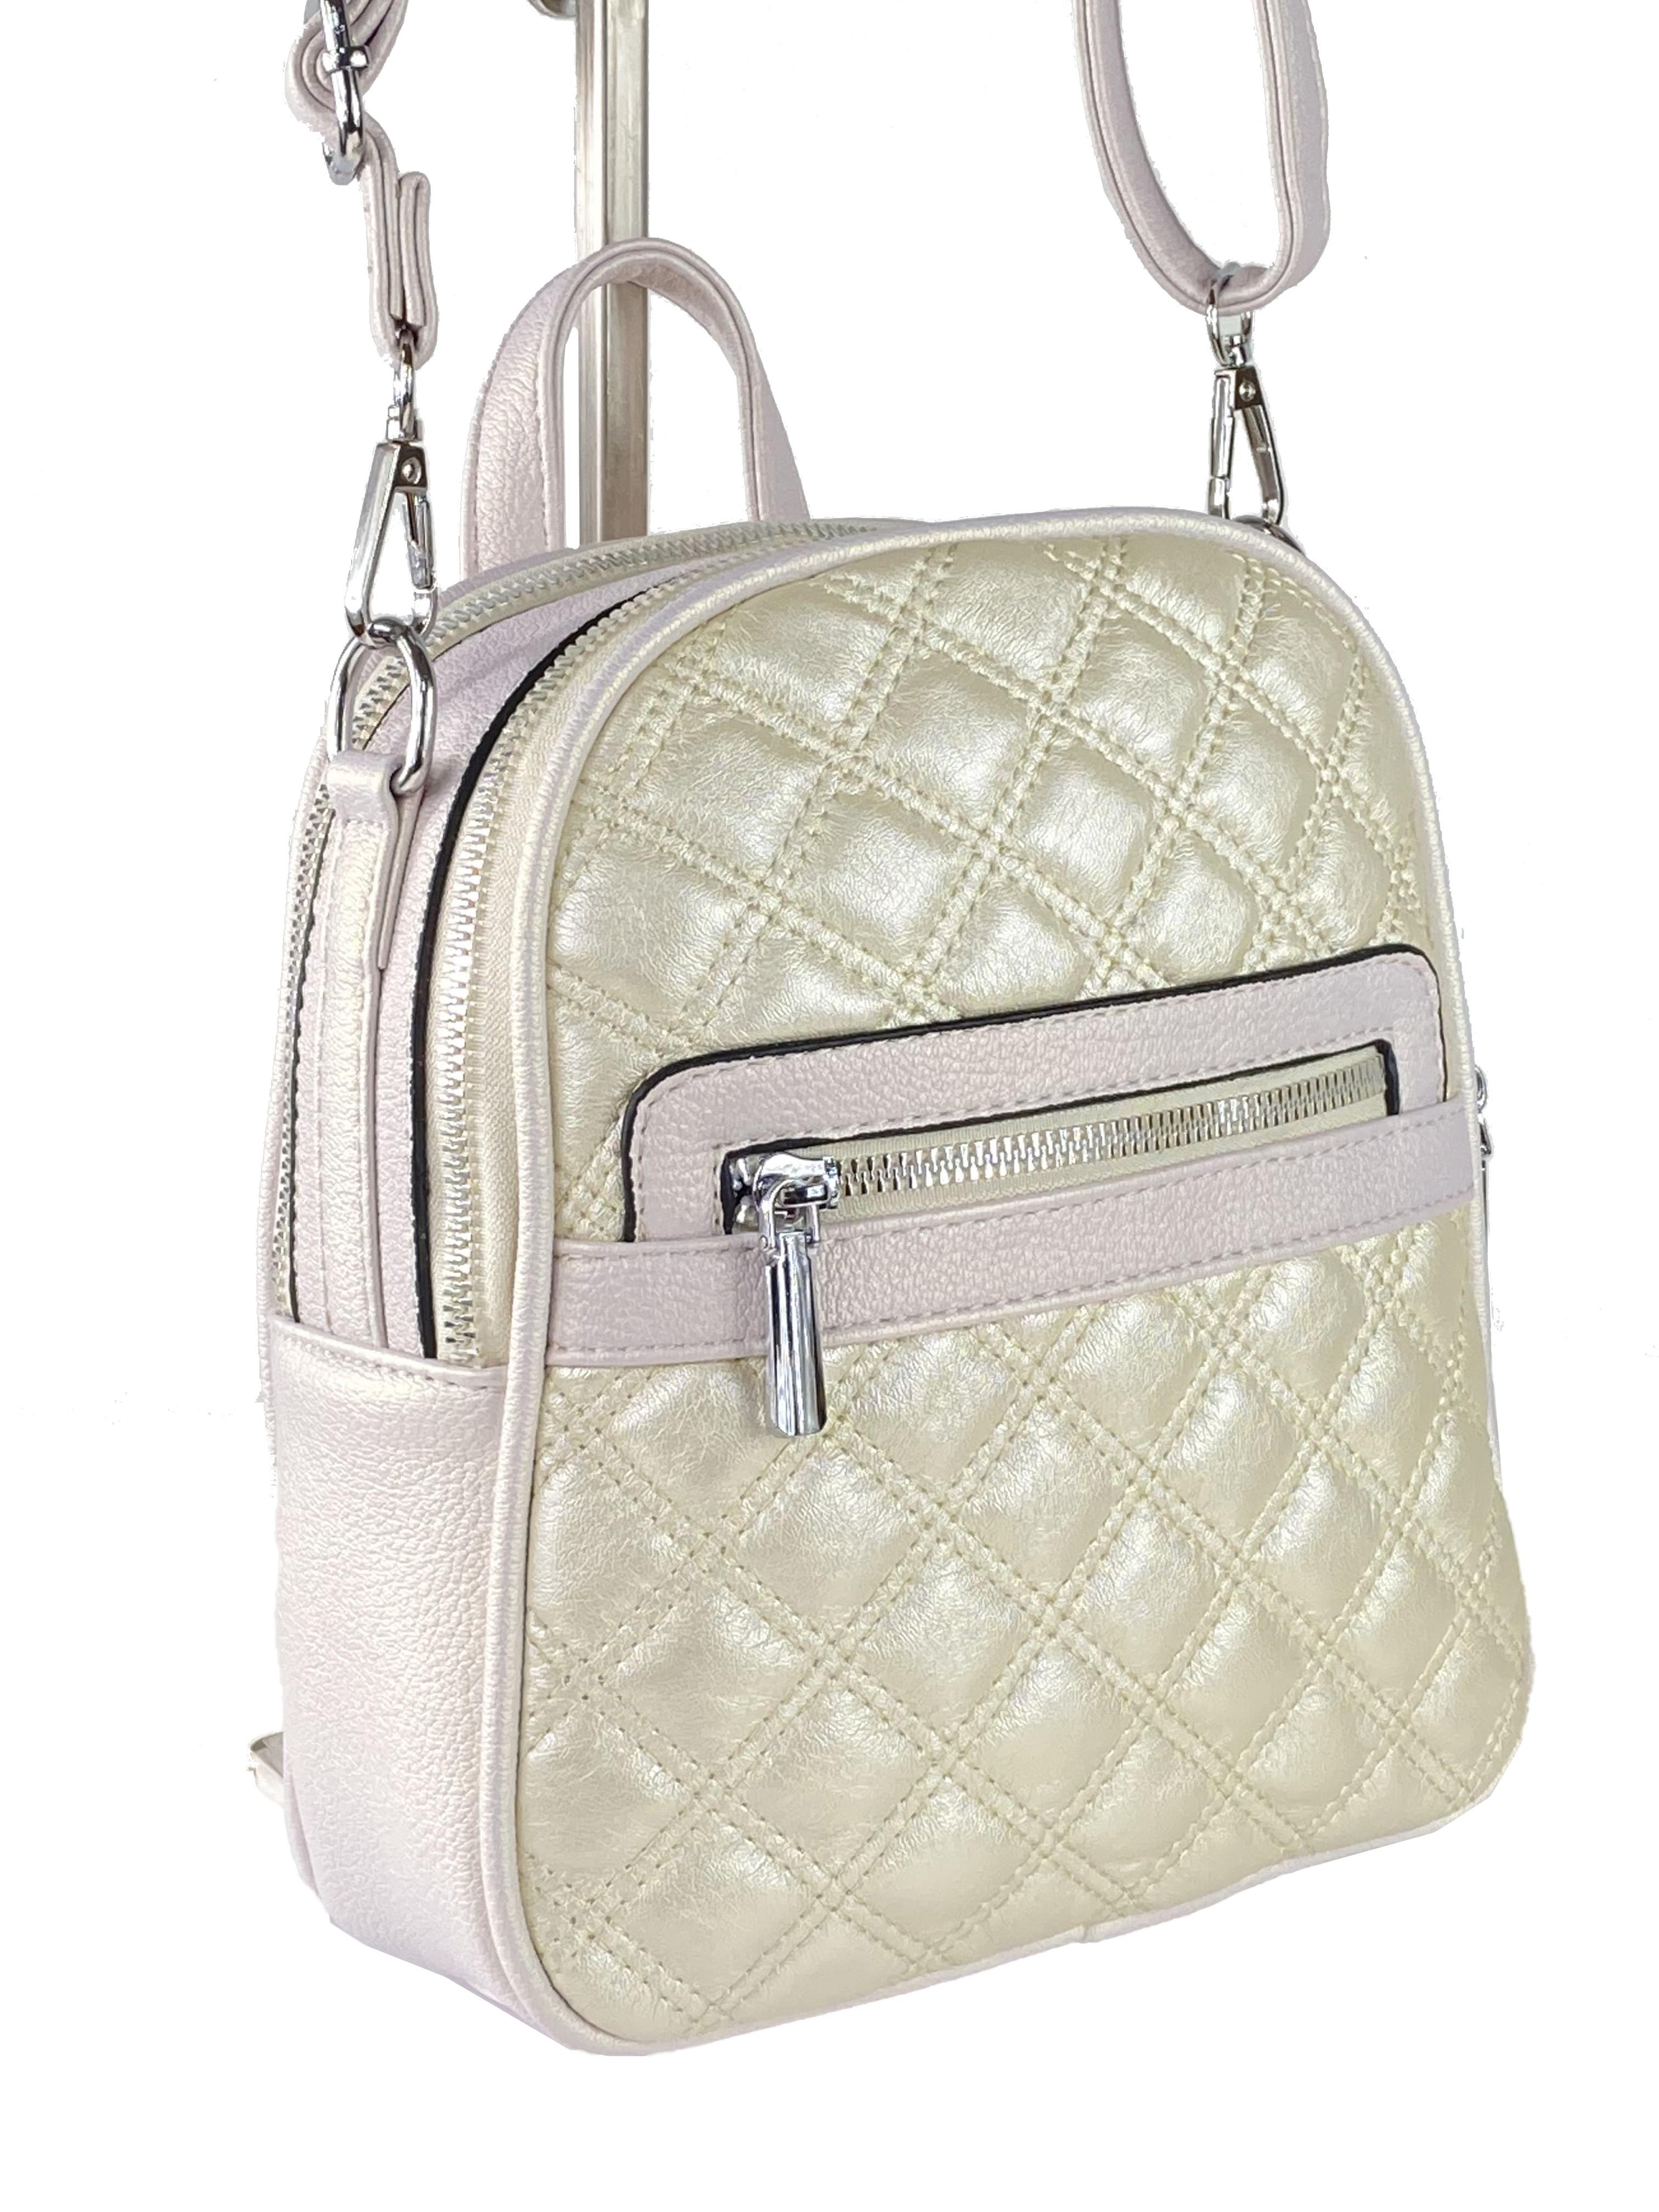 Женская стёганая сумка-рюкзак из искусственной кожи, цвет жемчуга